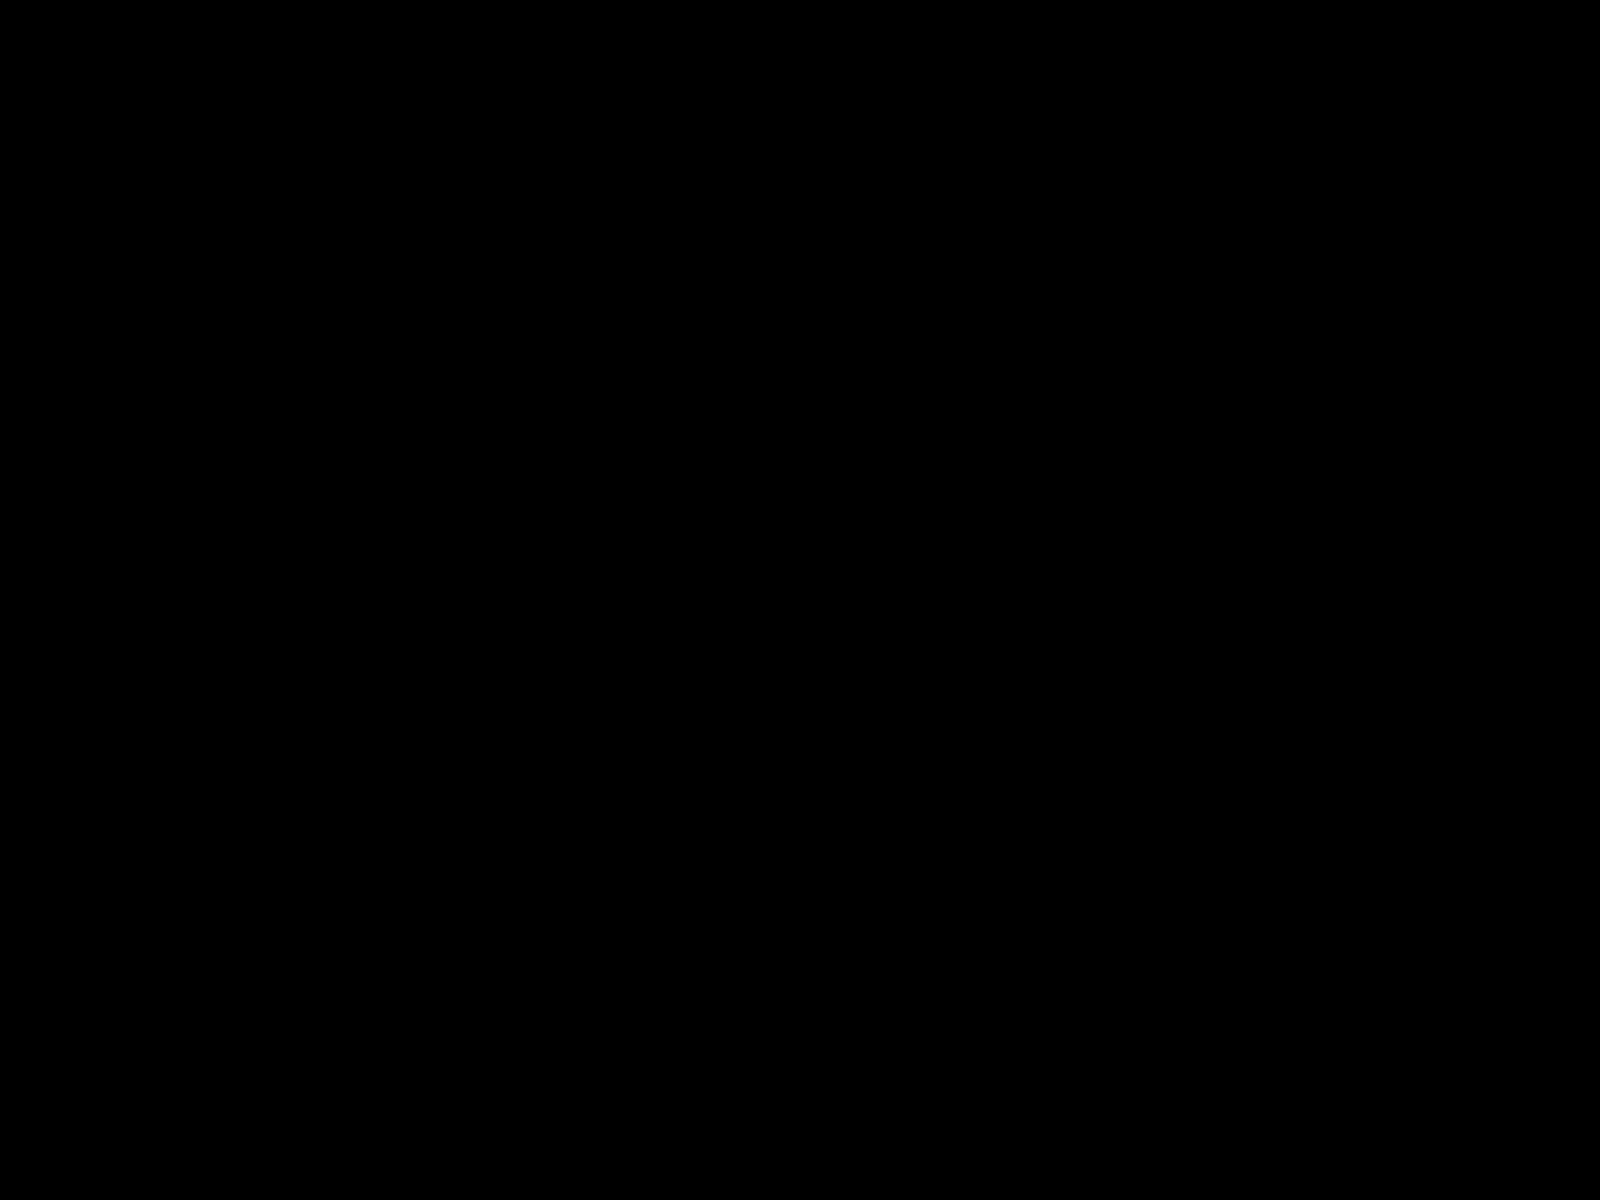 svj-osr